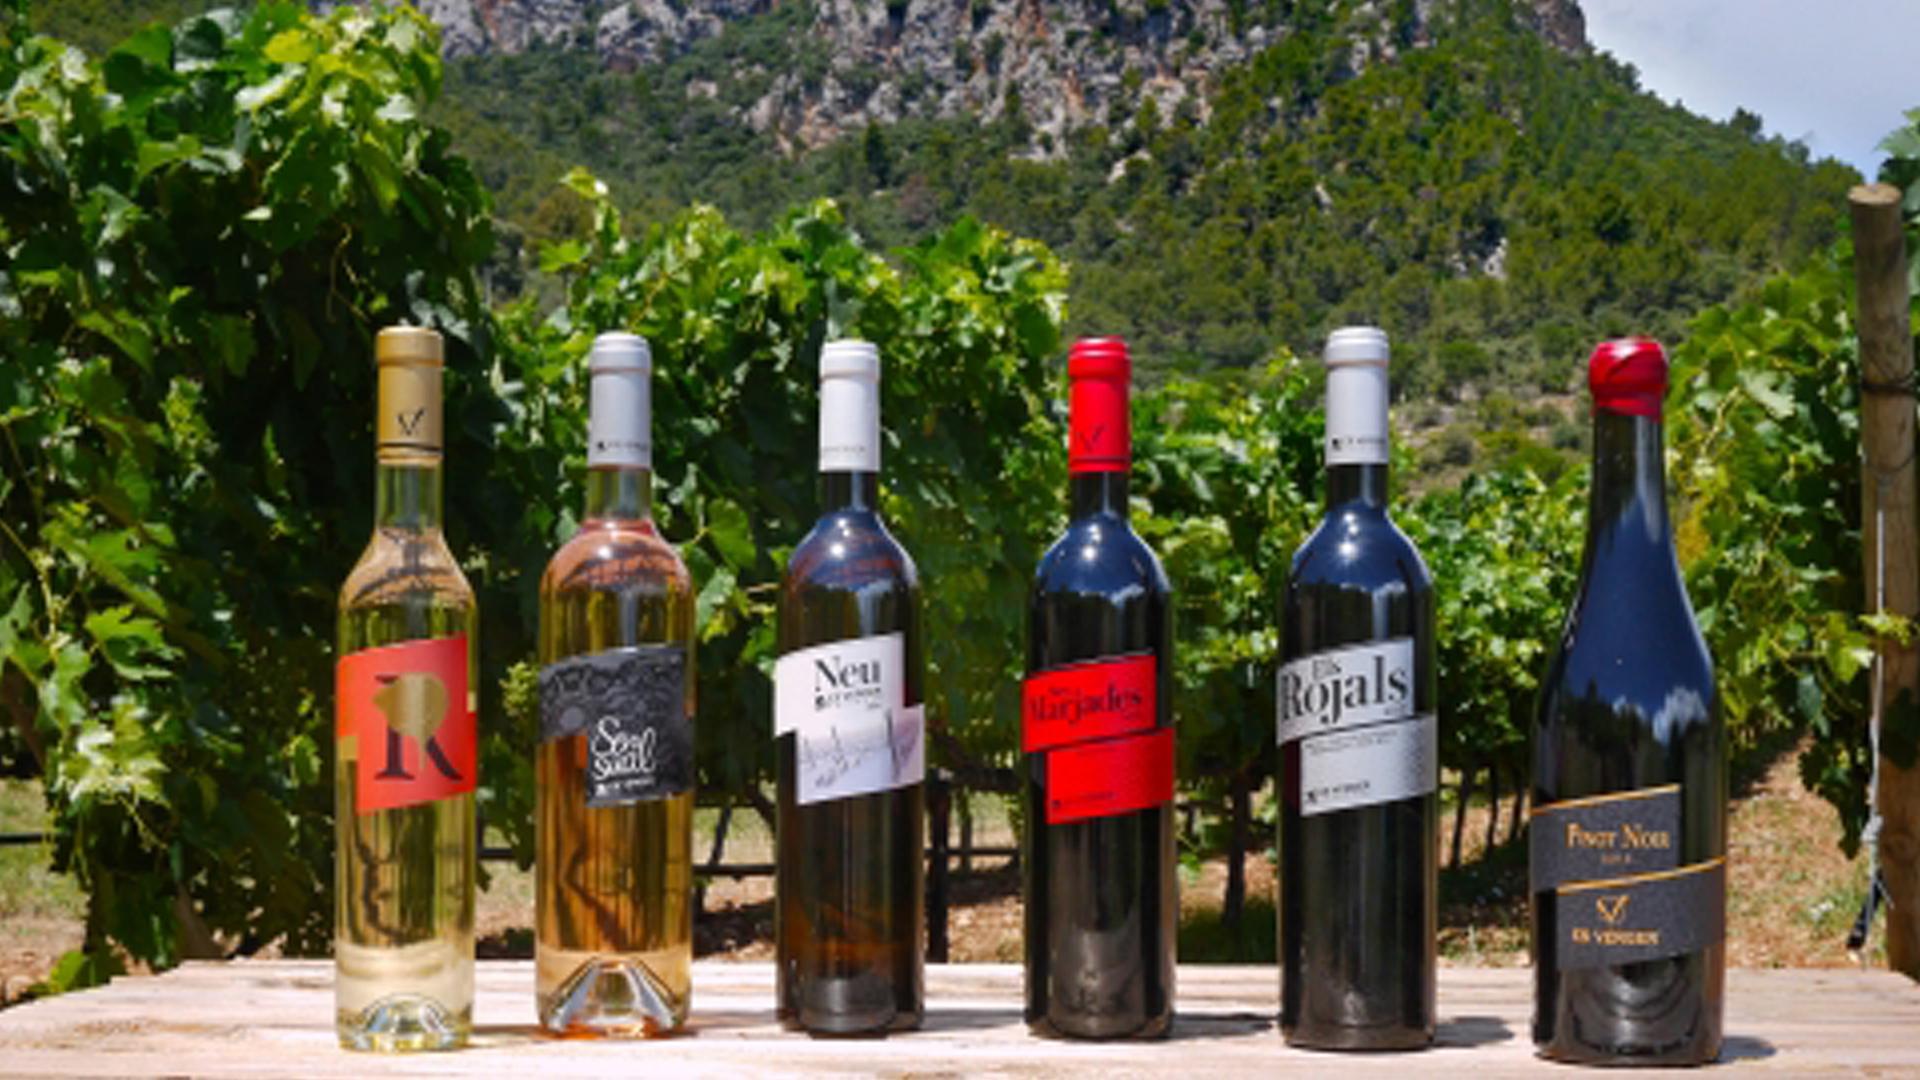 Wine bottles Es Verger